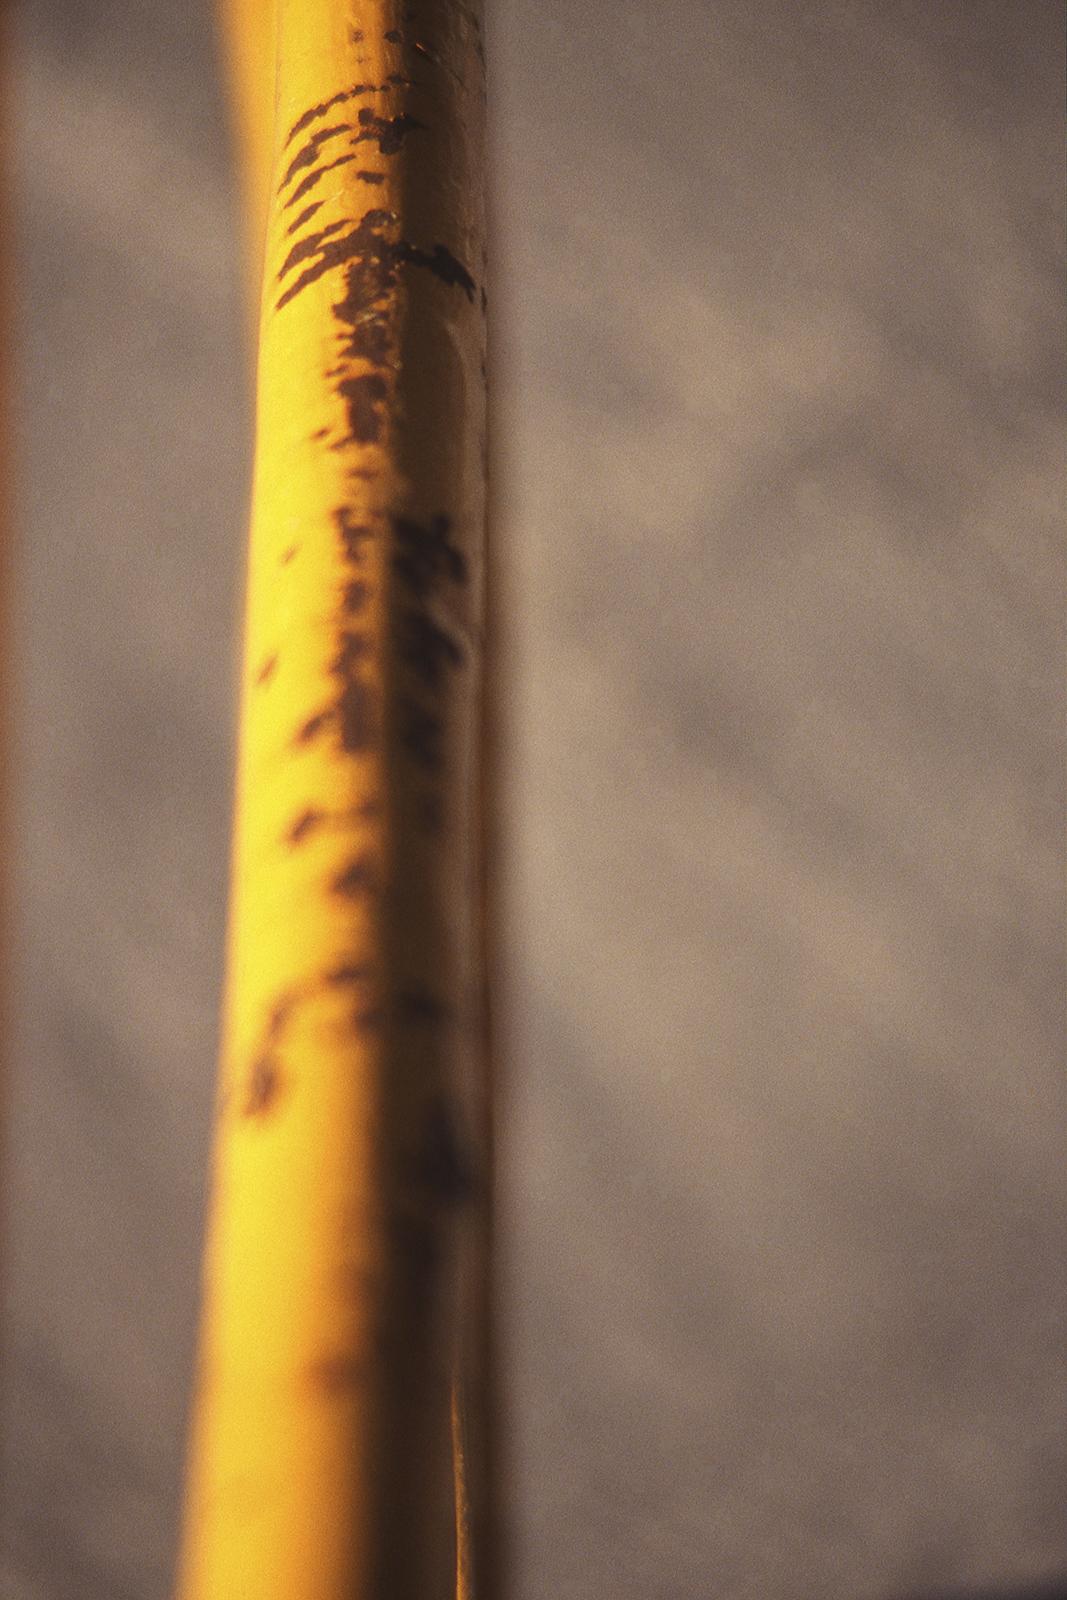 07 - I - 48 BIT - 4800 PPP - filtro desenfoque